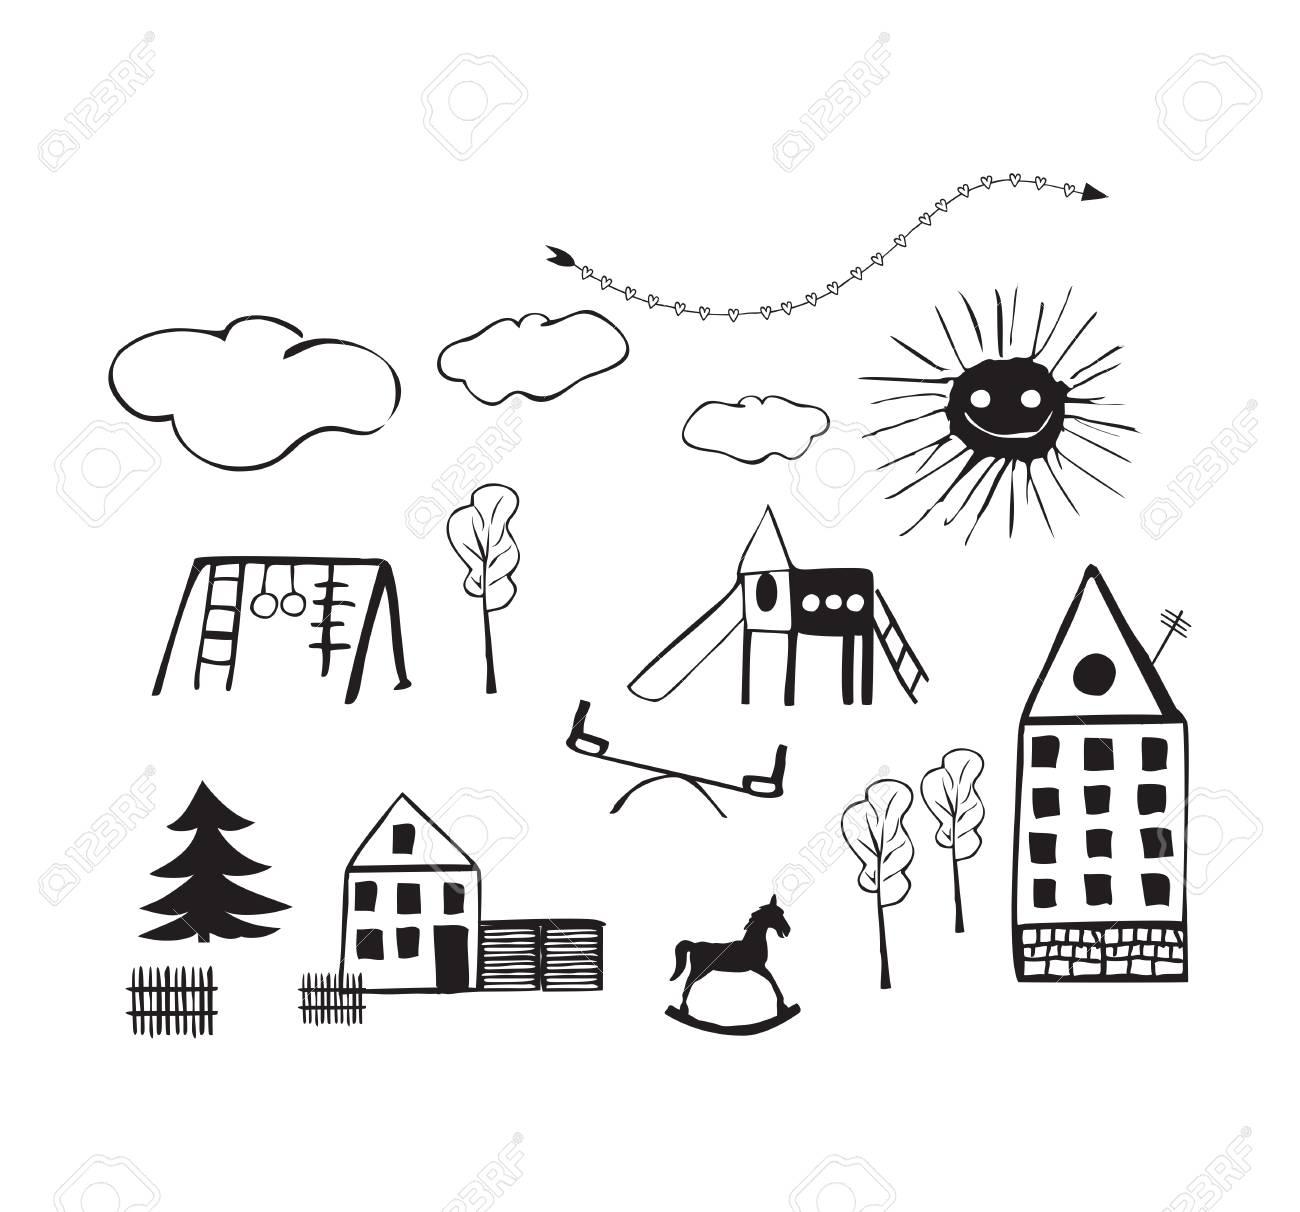 Dibujos Infantiles De Parques Infantiles Casas rboles Nubes Y